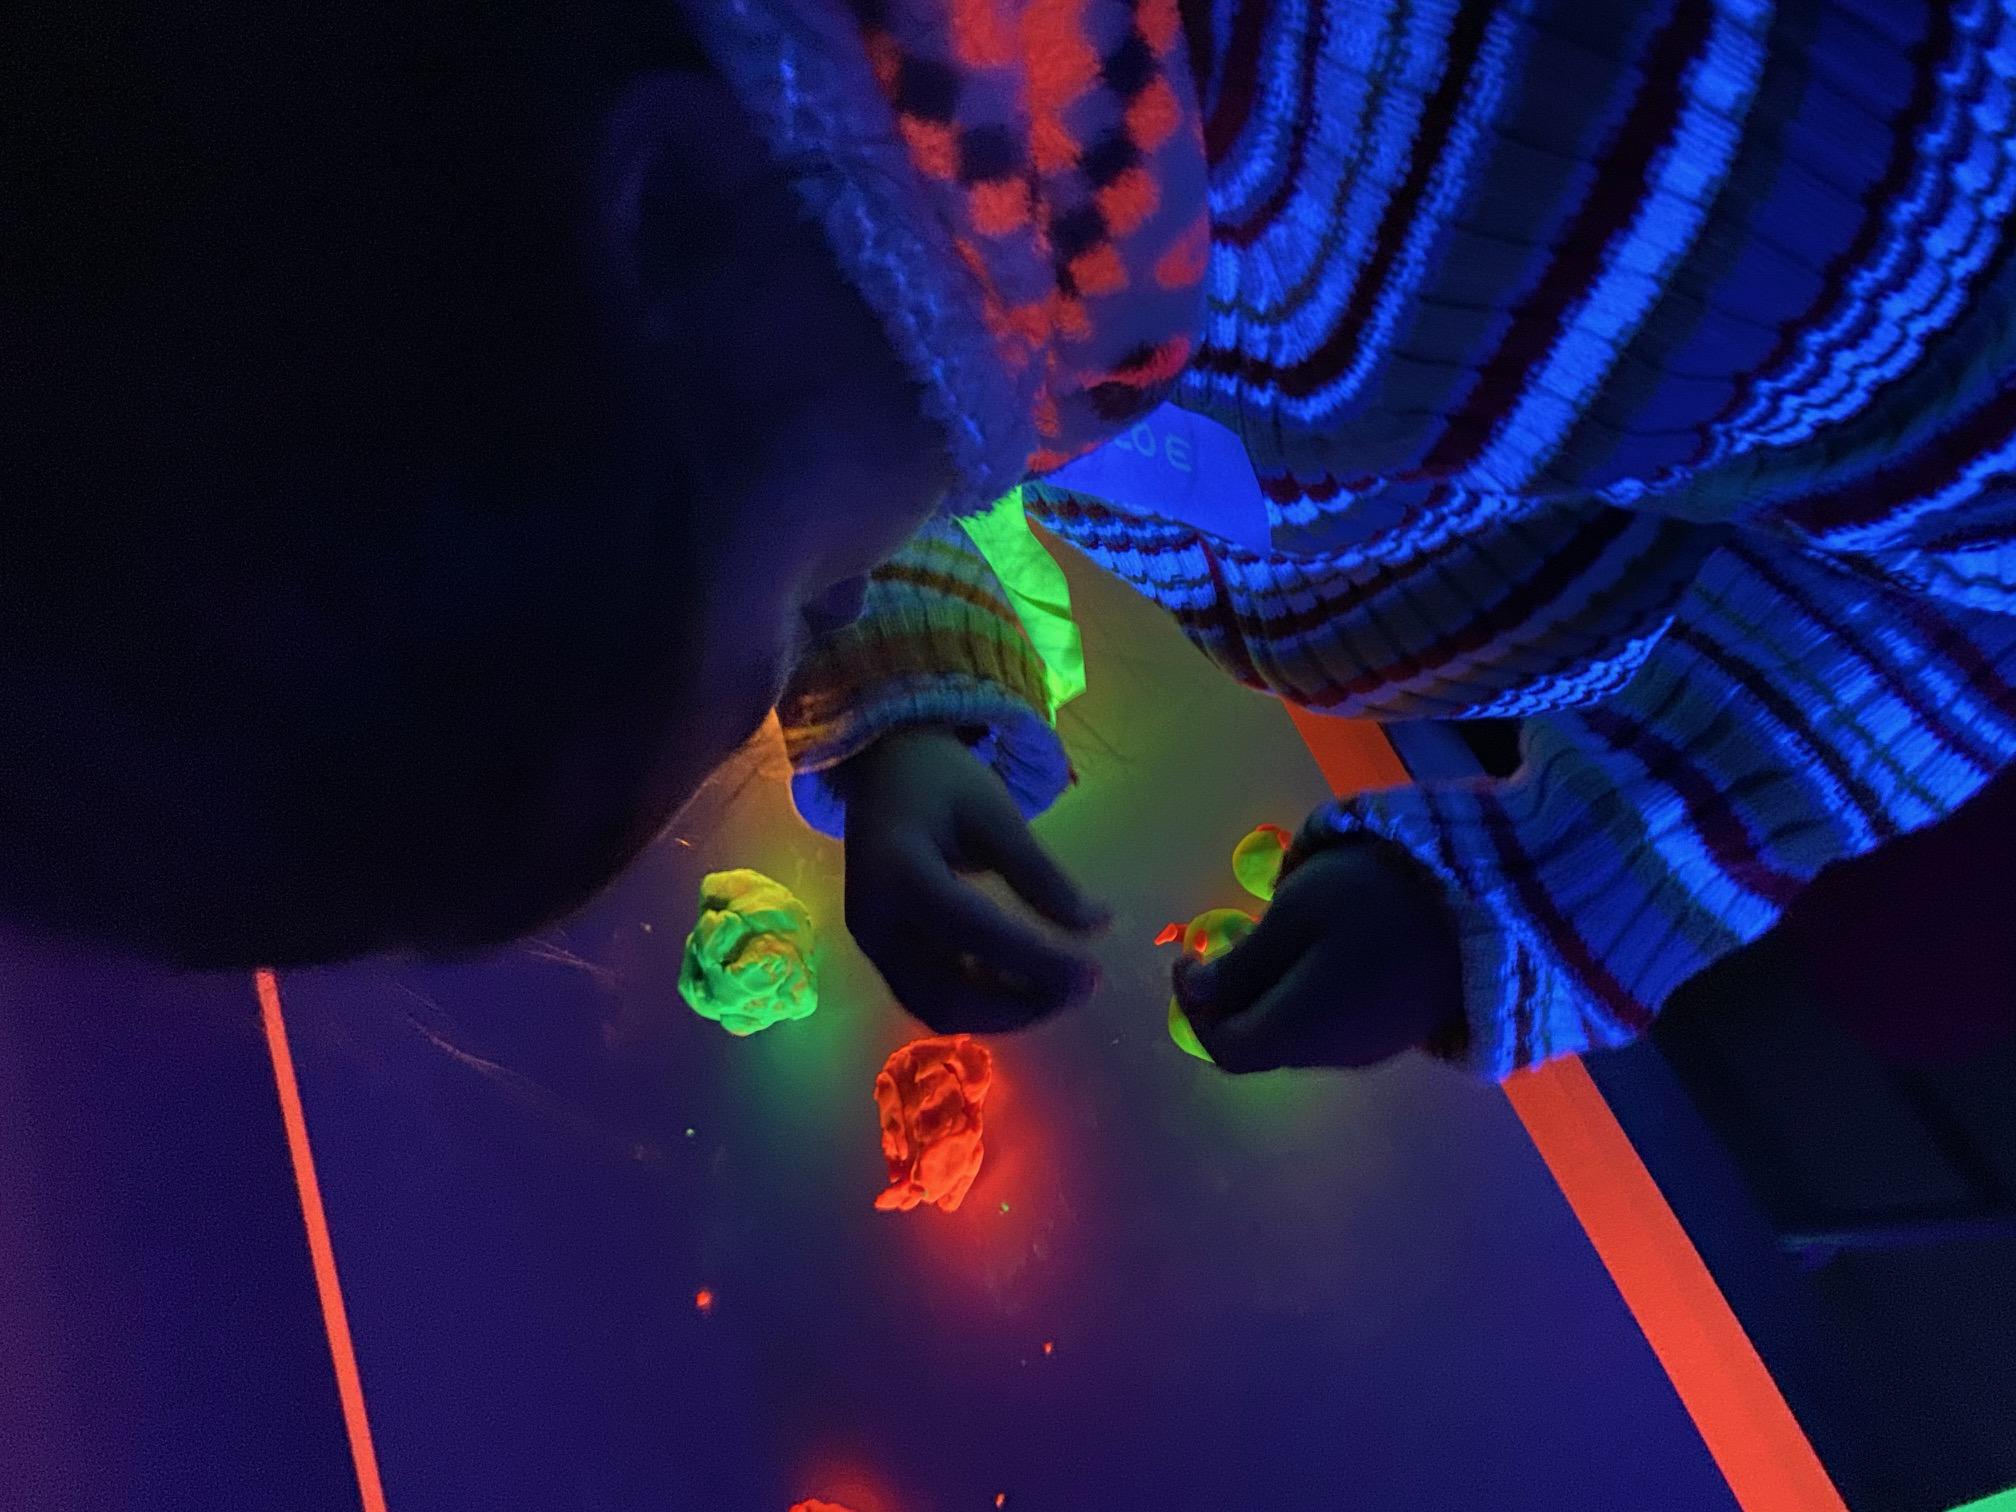 Semana de la ciencia de Sarriguren Jugando con Nuria, talleres de luz